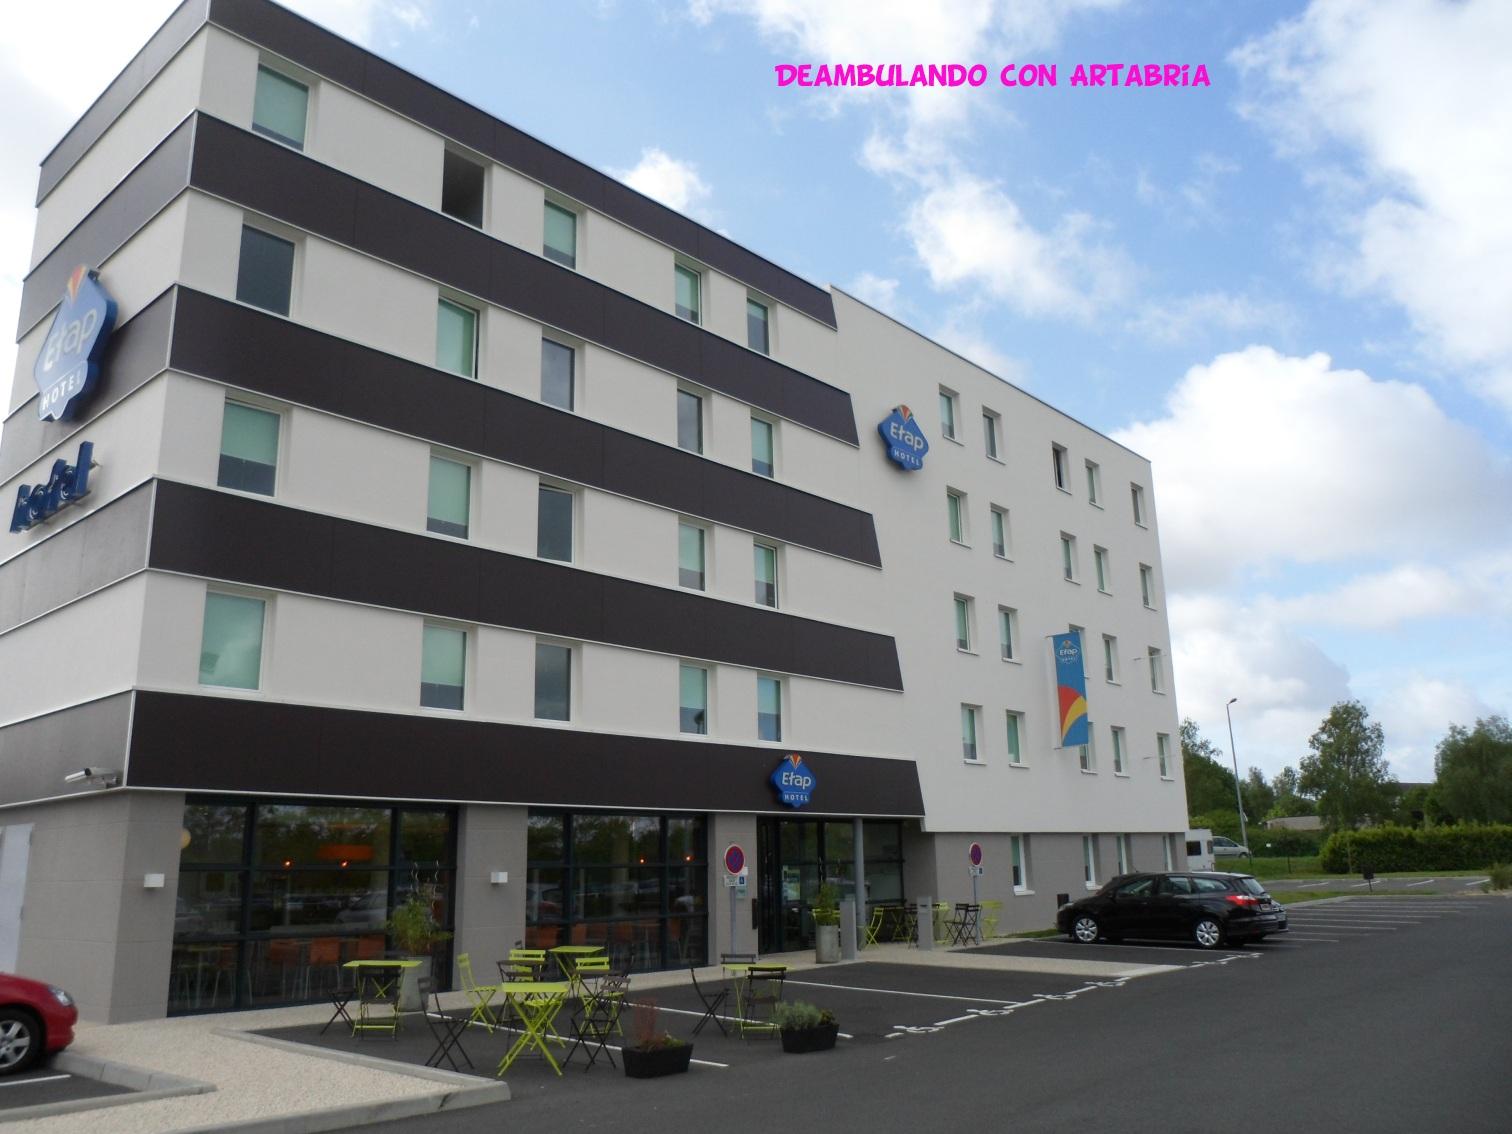 206 Hoteles Baratos En Francia Deambulando Con Artabria